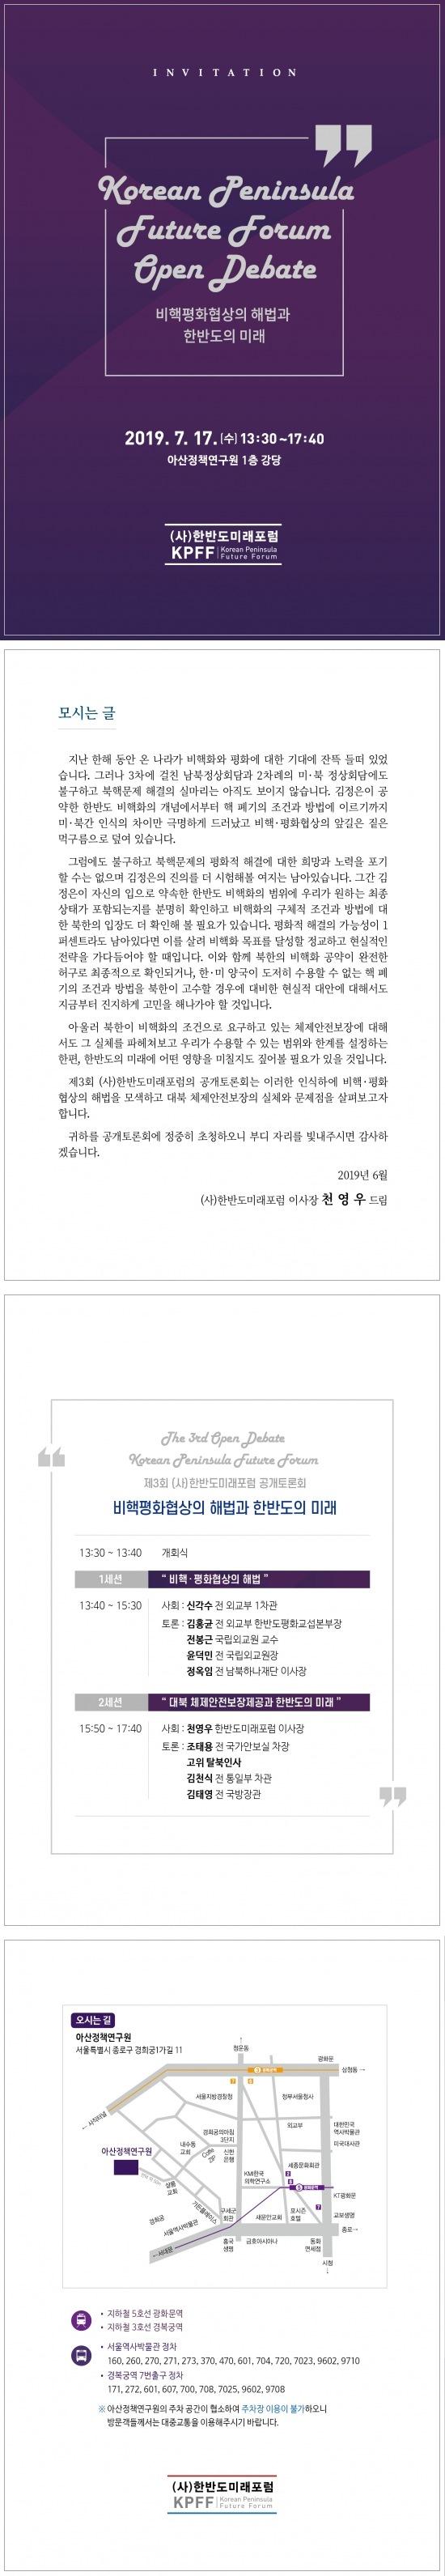 2019한반도미래포럼3회초청장.jpg